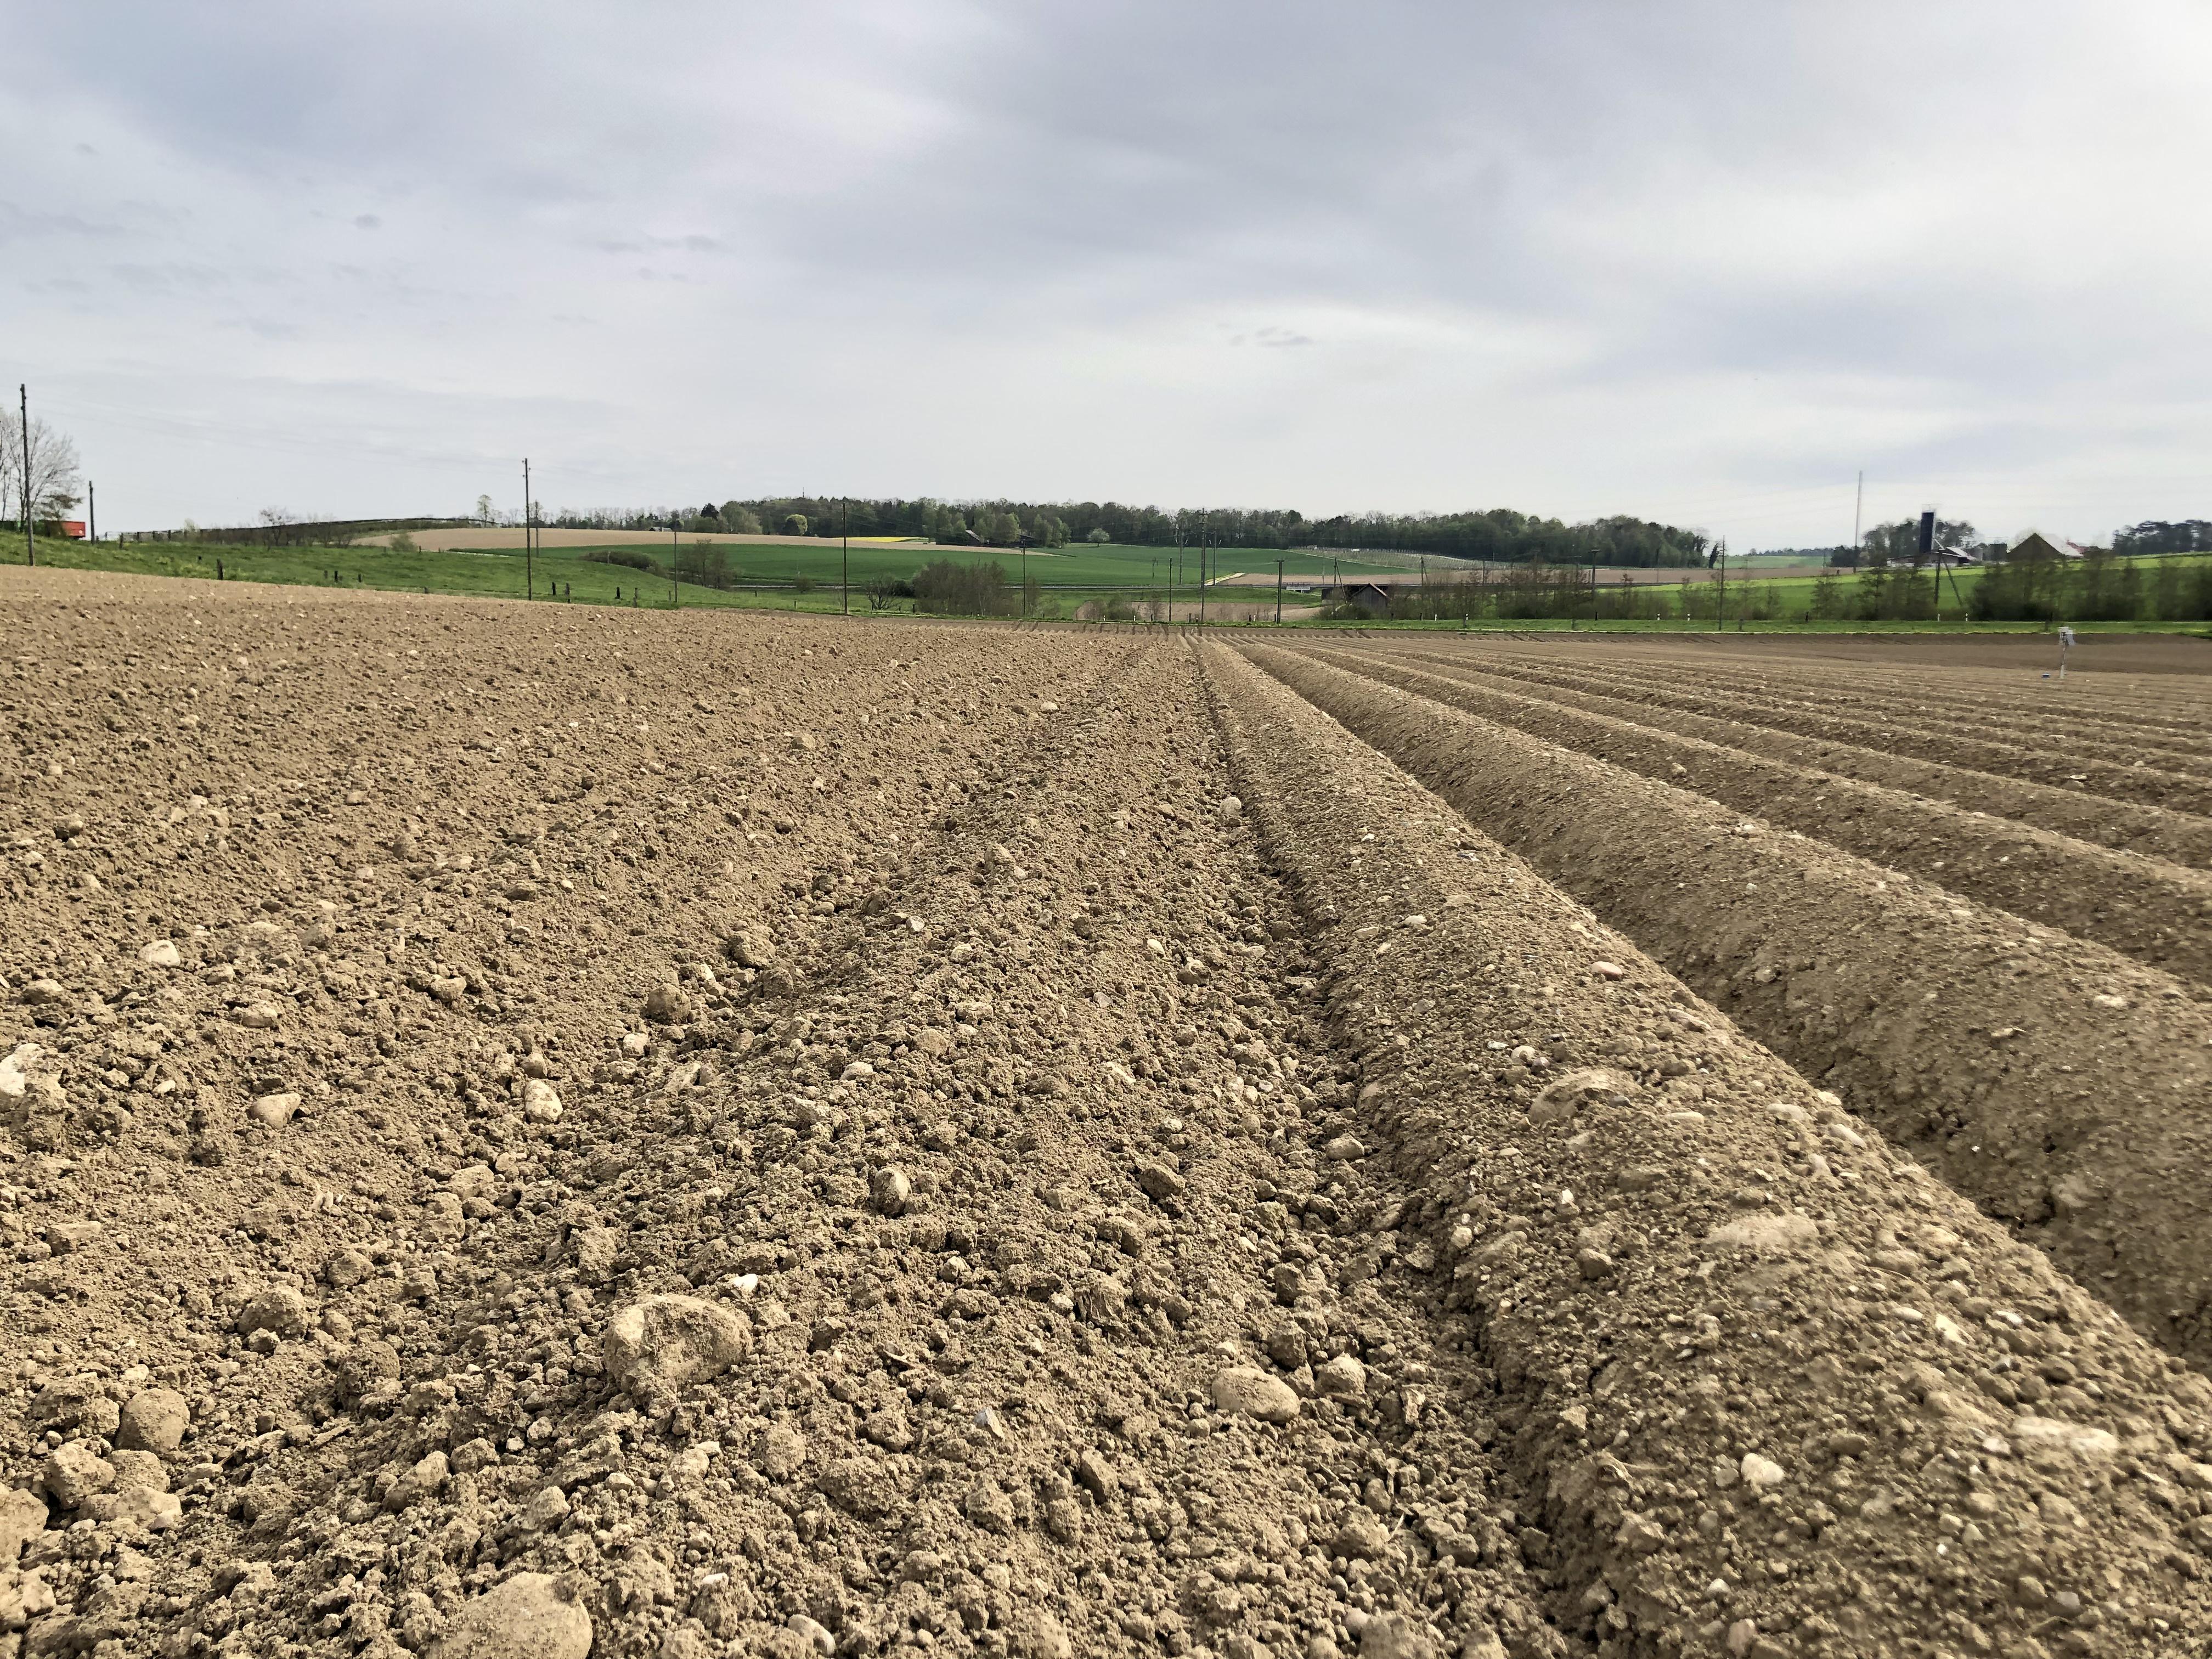 Vergleich Kartoffeldämme geformt und blind gestriegelt. 2019, Humlikon